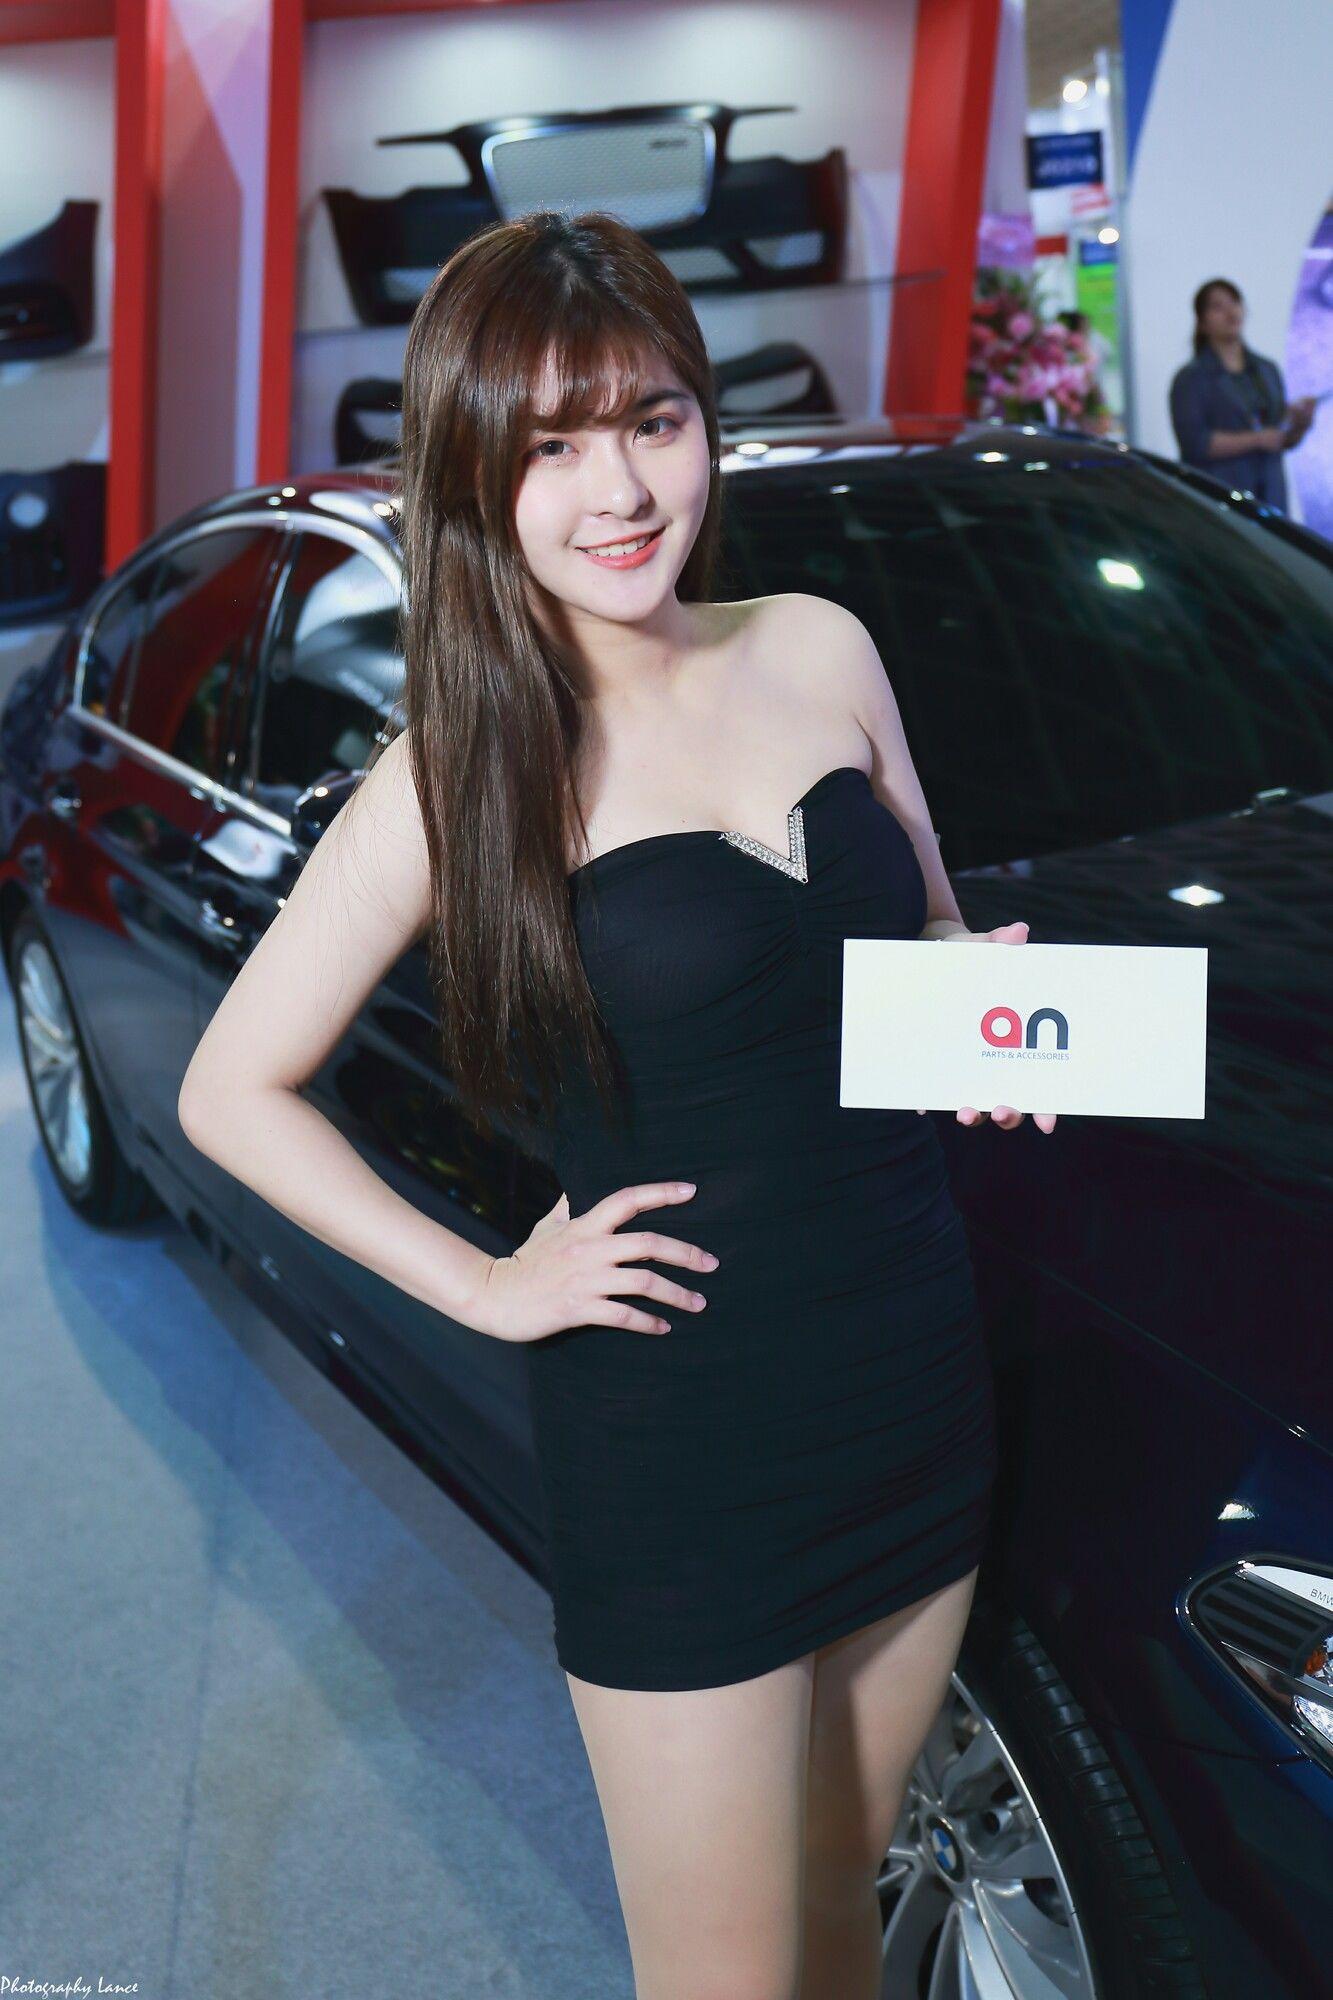 VOL.1047 [台湾正妹]Show Girl车模:展台美女超高清个人性感漂亮大图(146P)